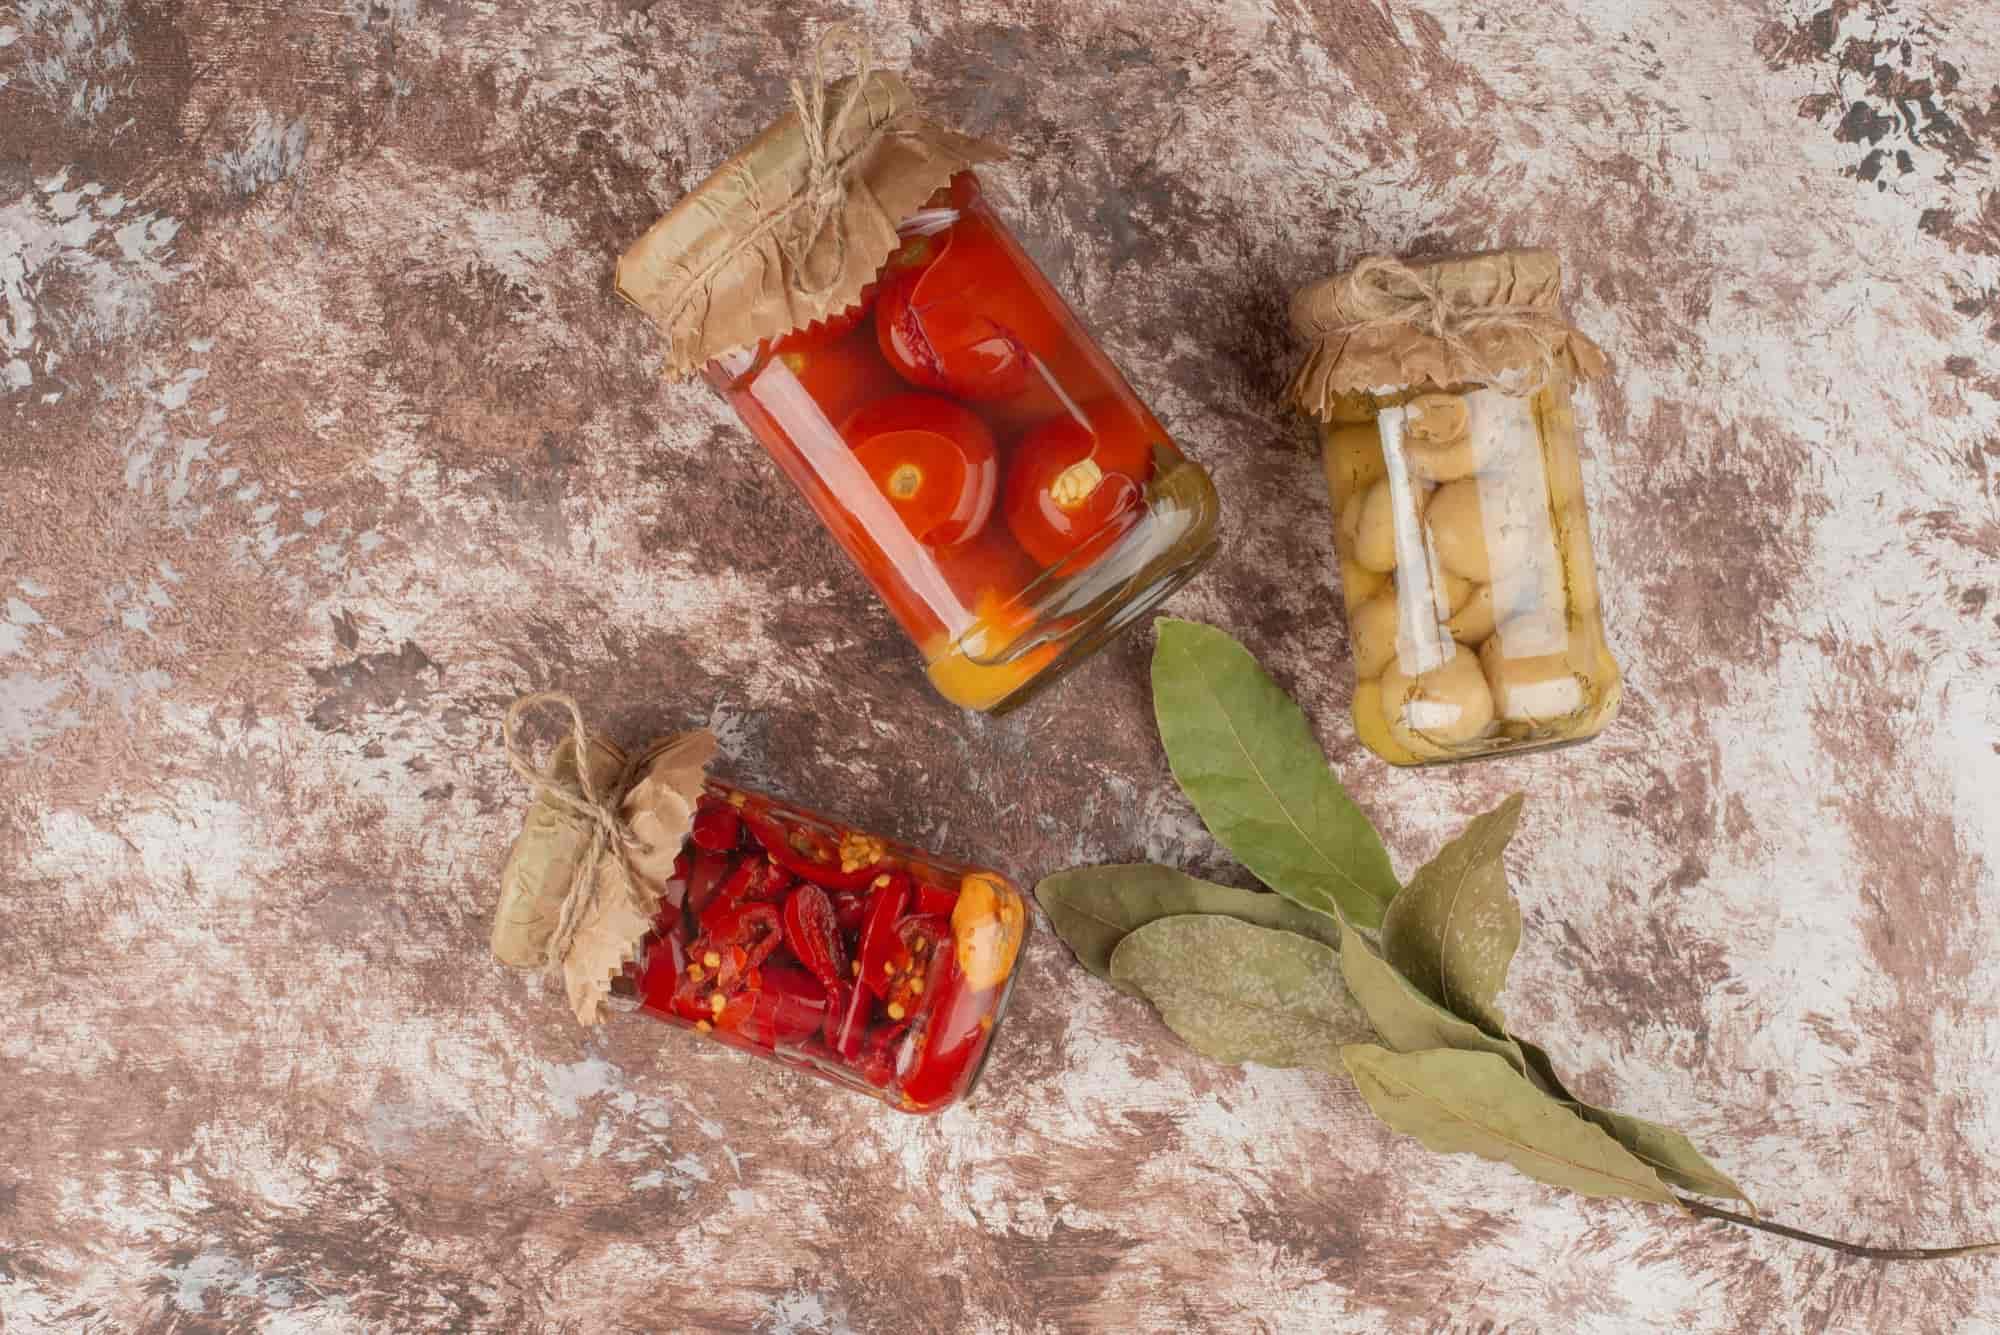 Жена любовника закатывает помидоры правильно, старательная огородница